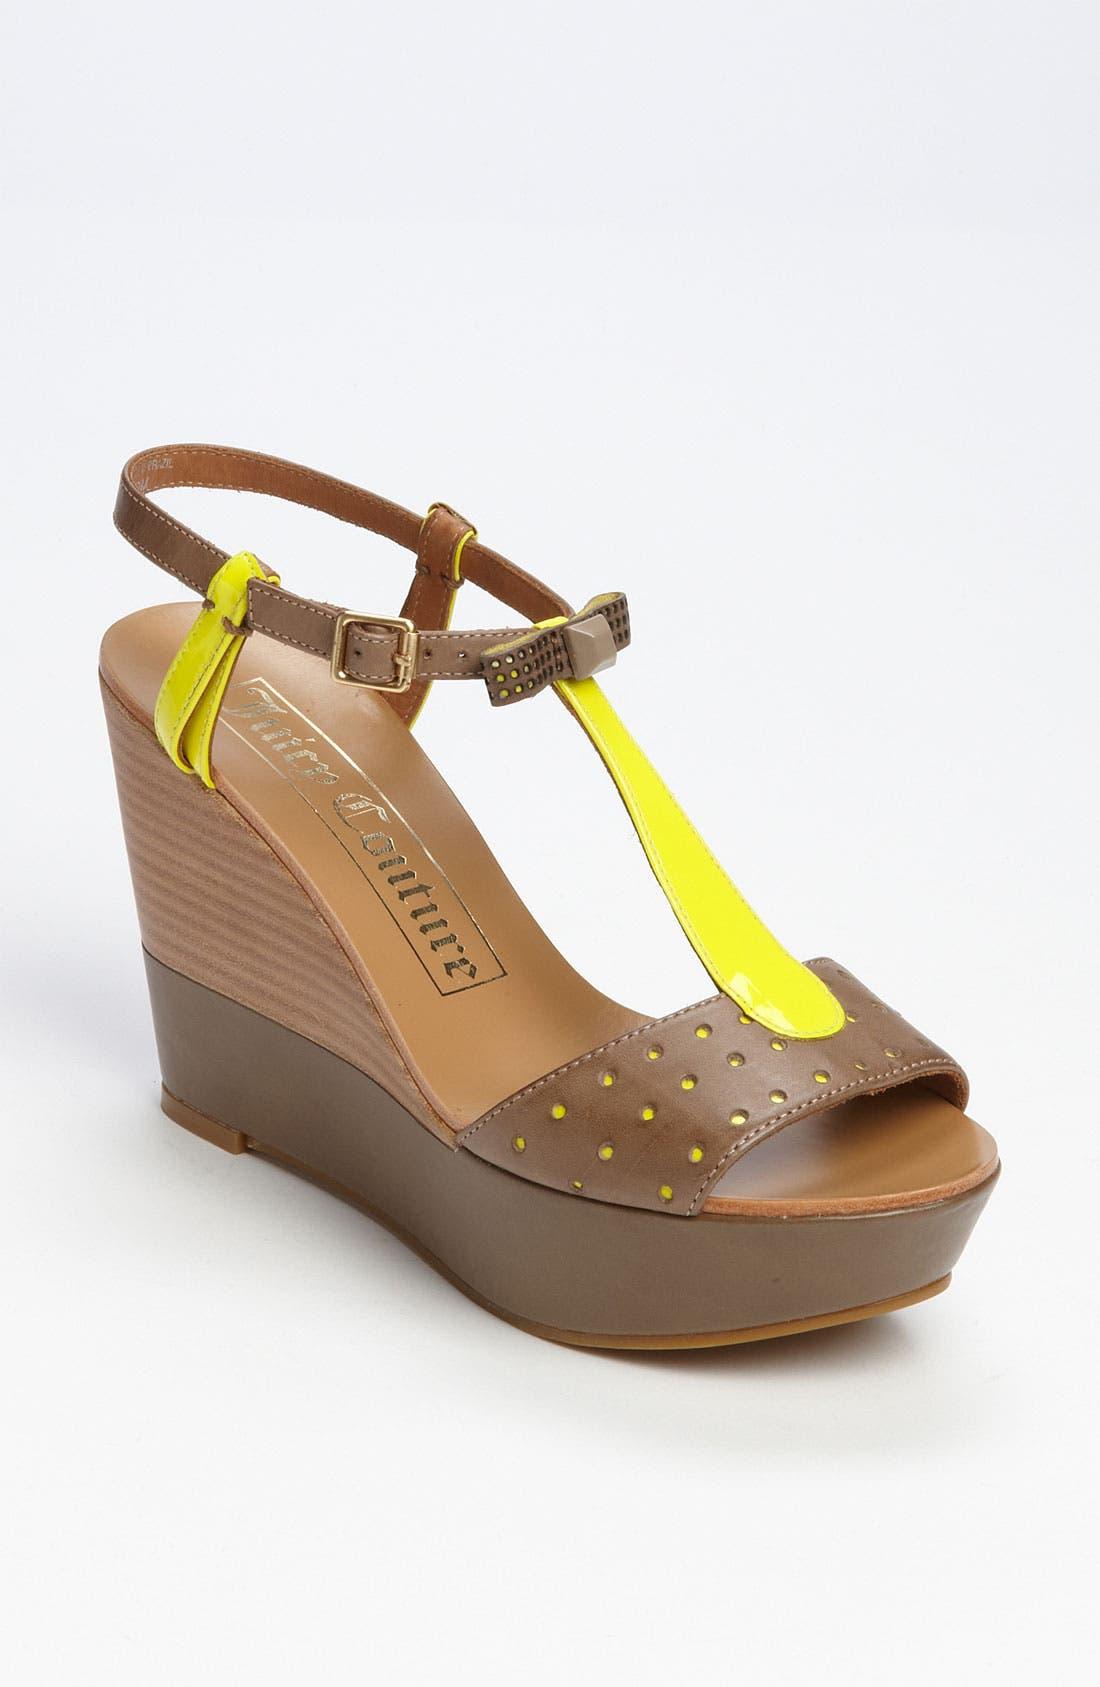 Alternate Image 1 Selected - Juicy Couture 'Kati' Sandal